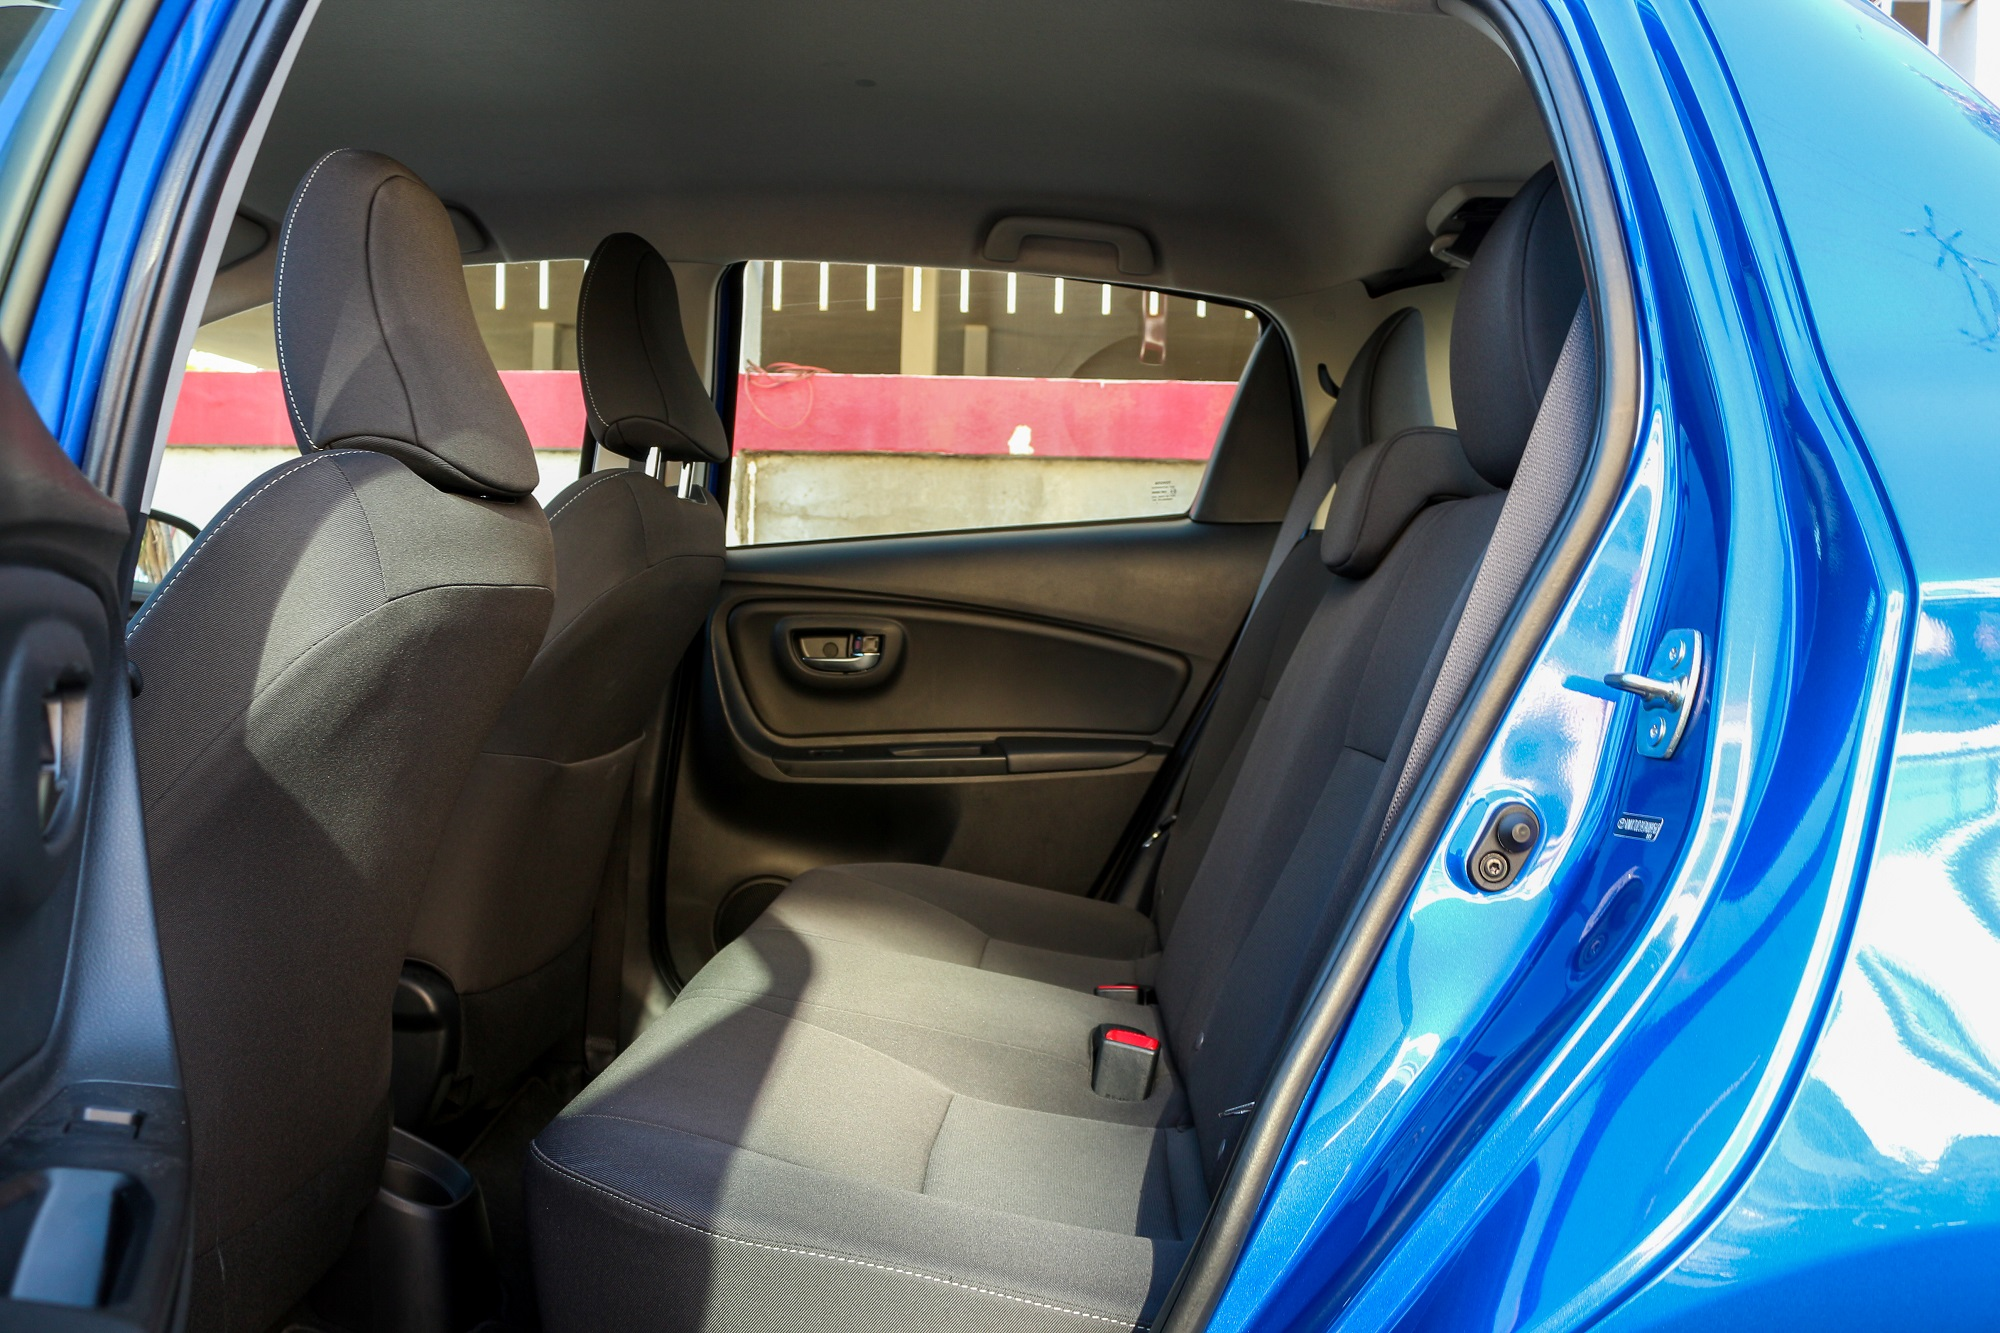 Scionlife.com 2018 Toyota Yaris SE Hatchback Review Test